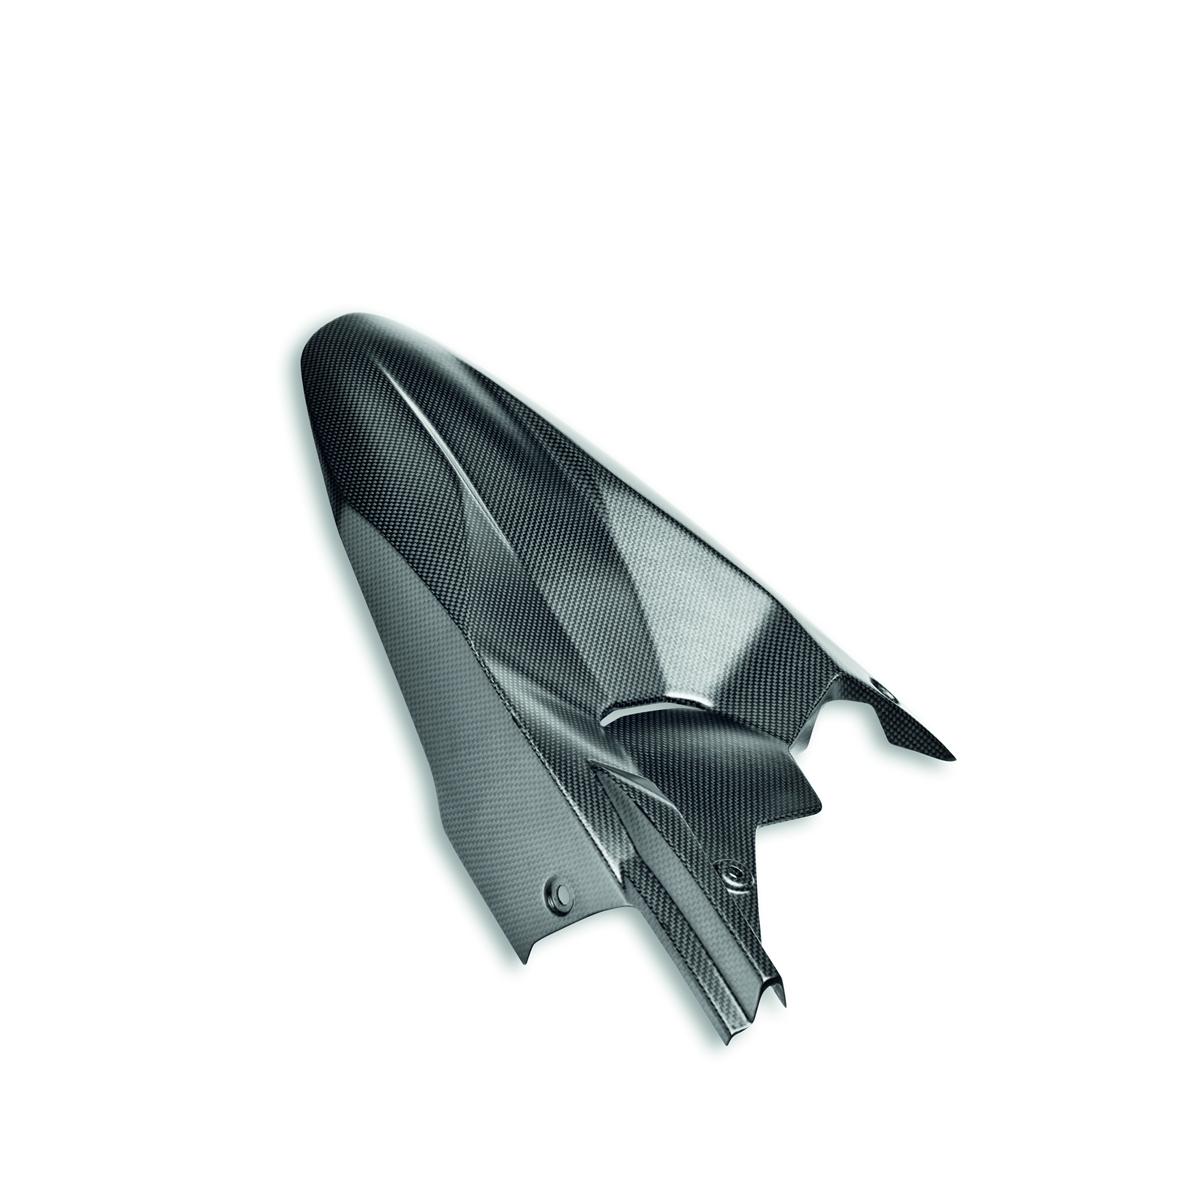 Carbon fiber rear mudguard.